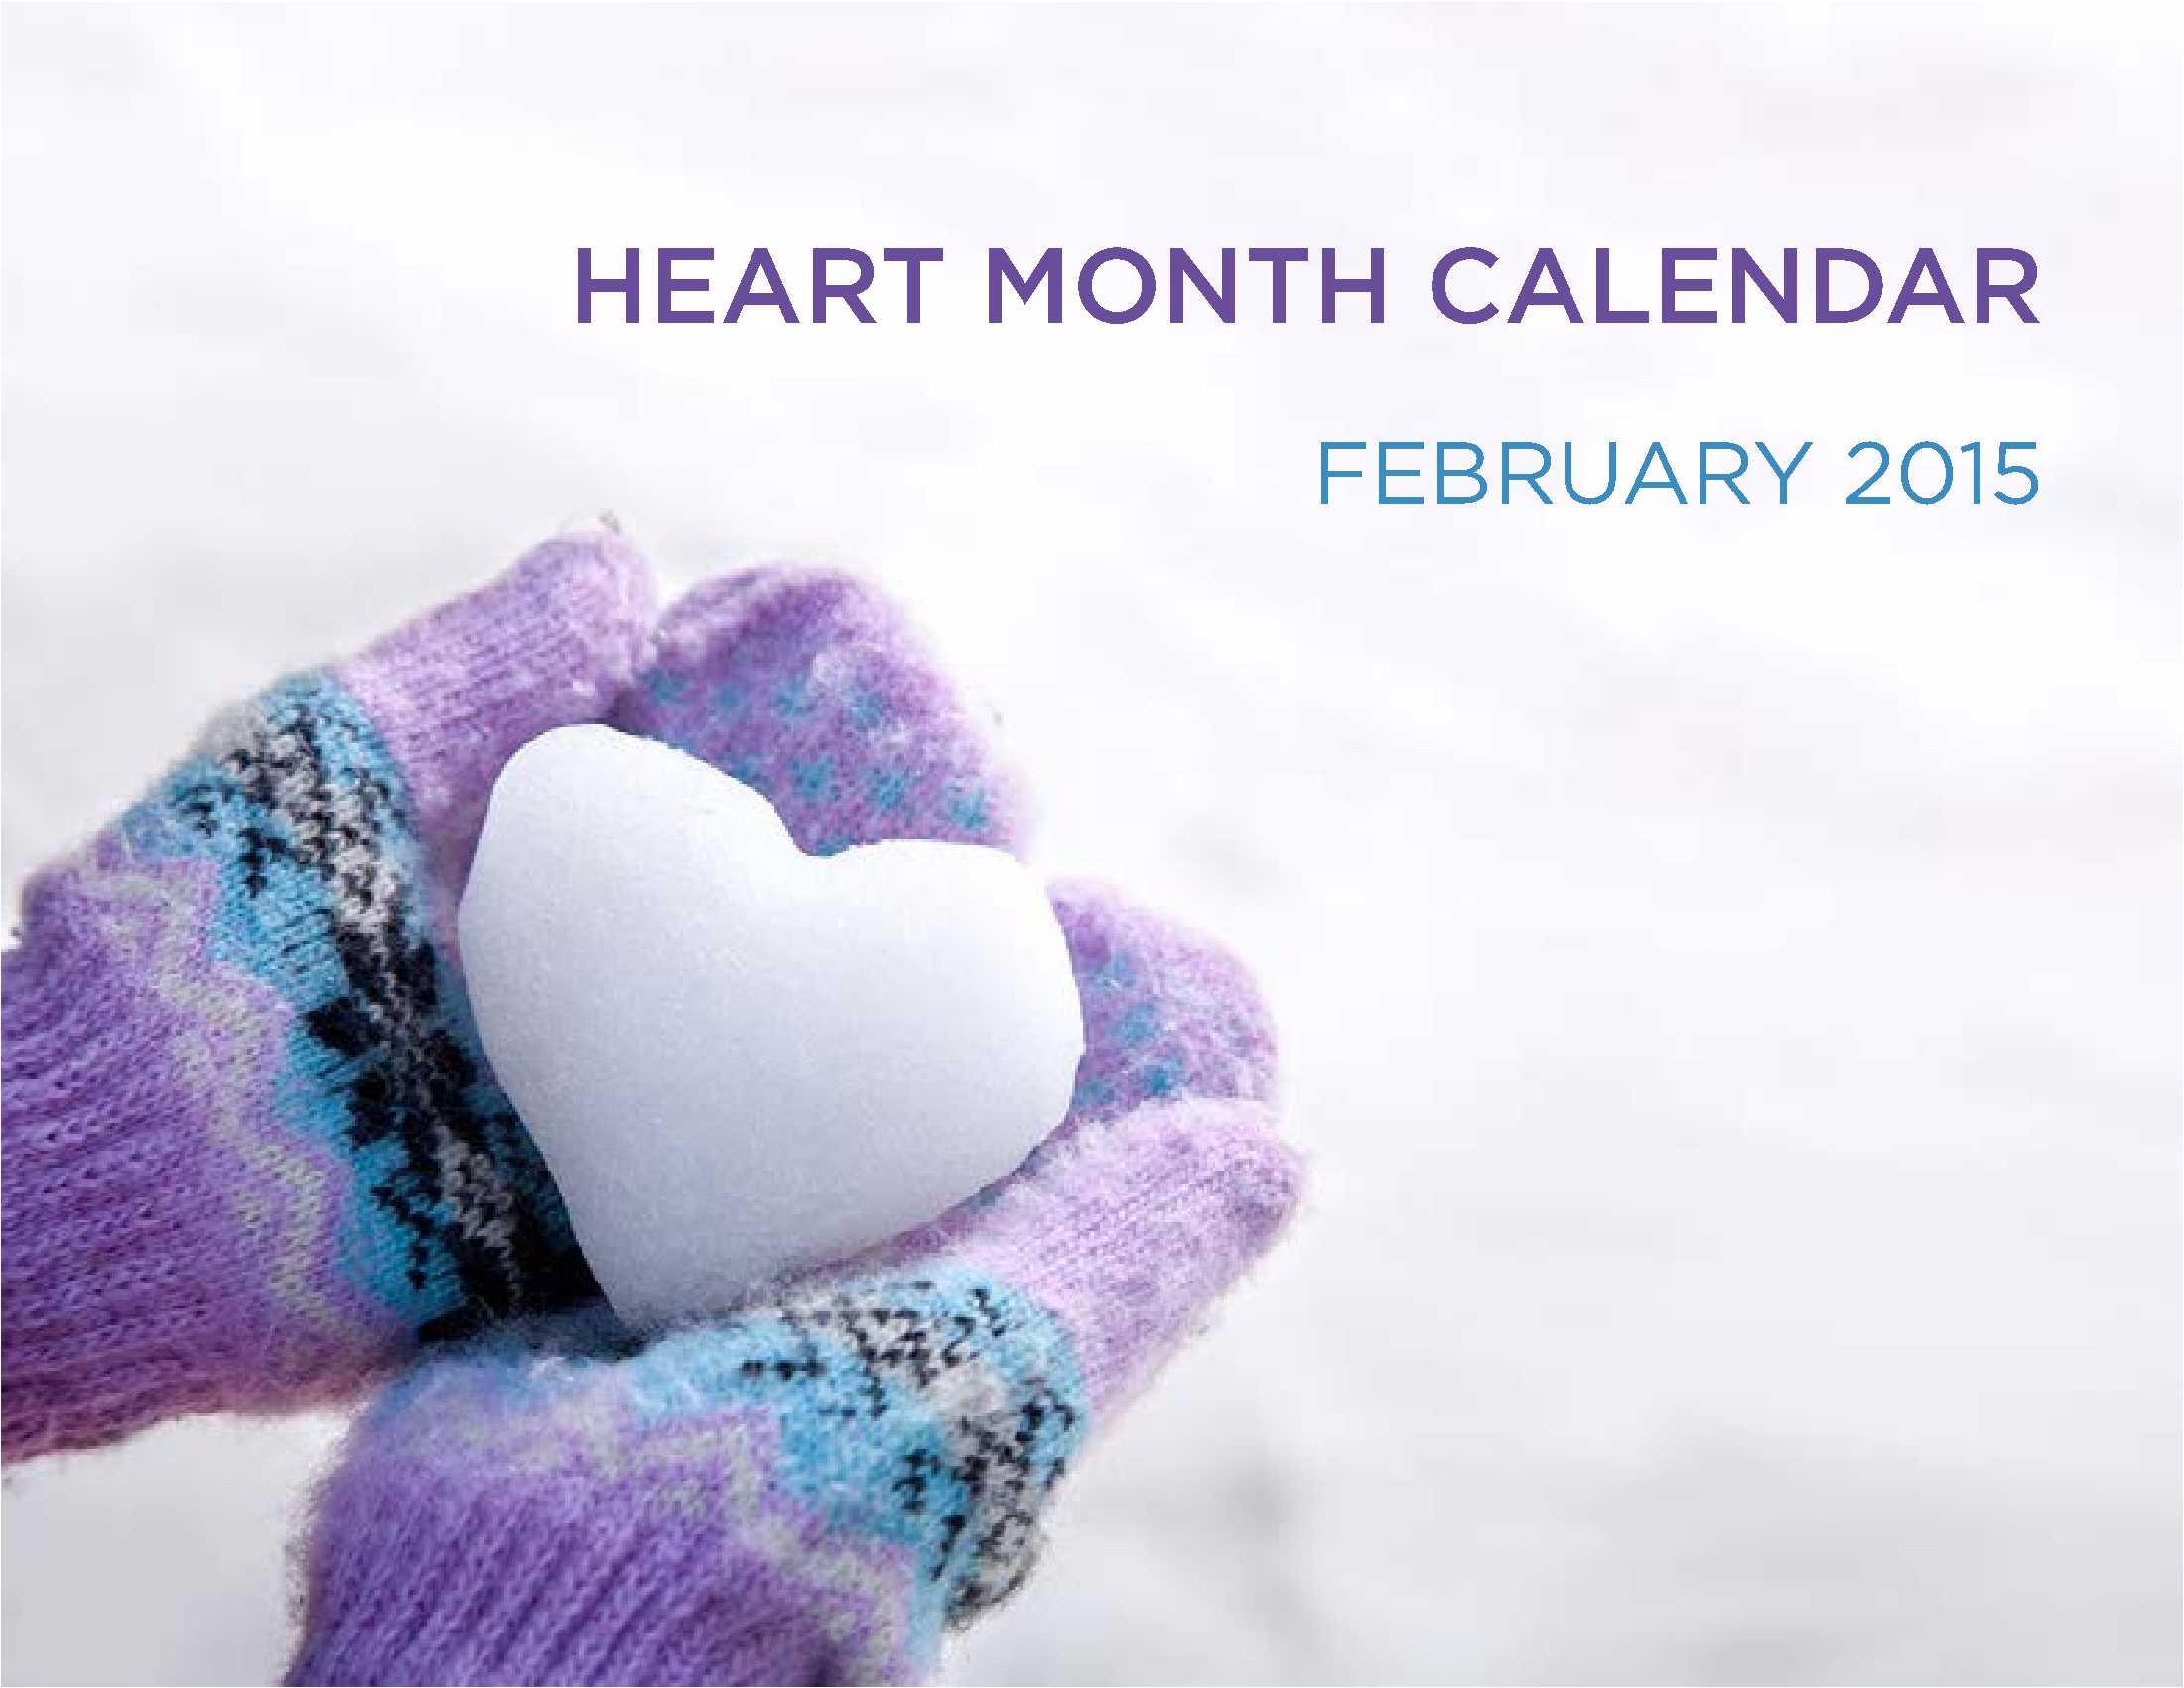 Be Heart Smart Umass Memorial Health Care